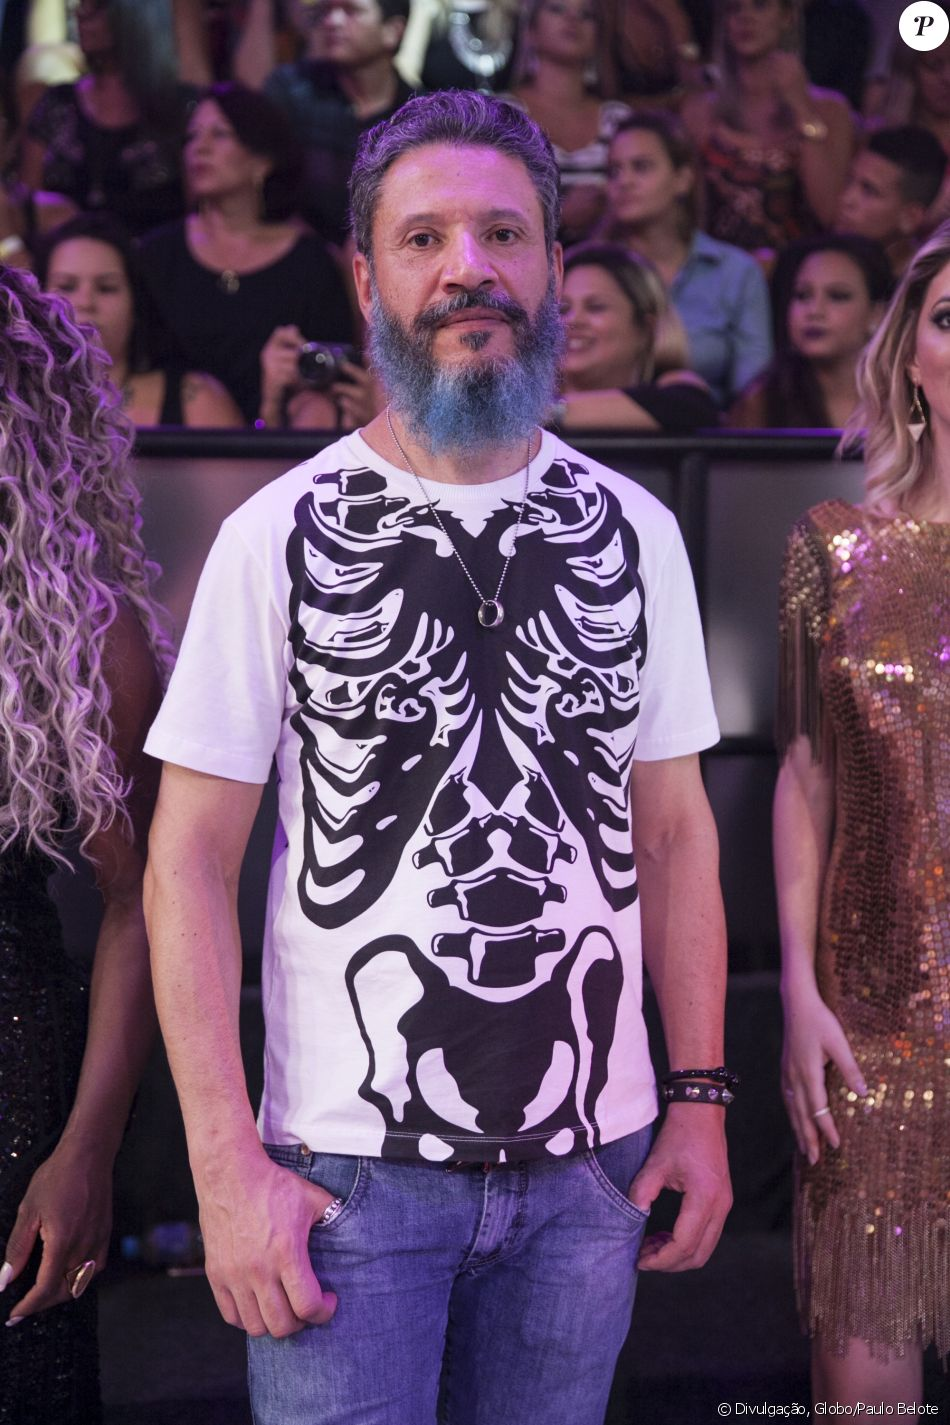 Ex-BBB Laércio, preso há 9 meses, aguarda julgamento. 'Armaram', defende a mãe em entrevista ao jornal 'Extra' neste domingo, dia 12 de fevereiro de 2017